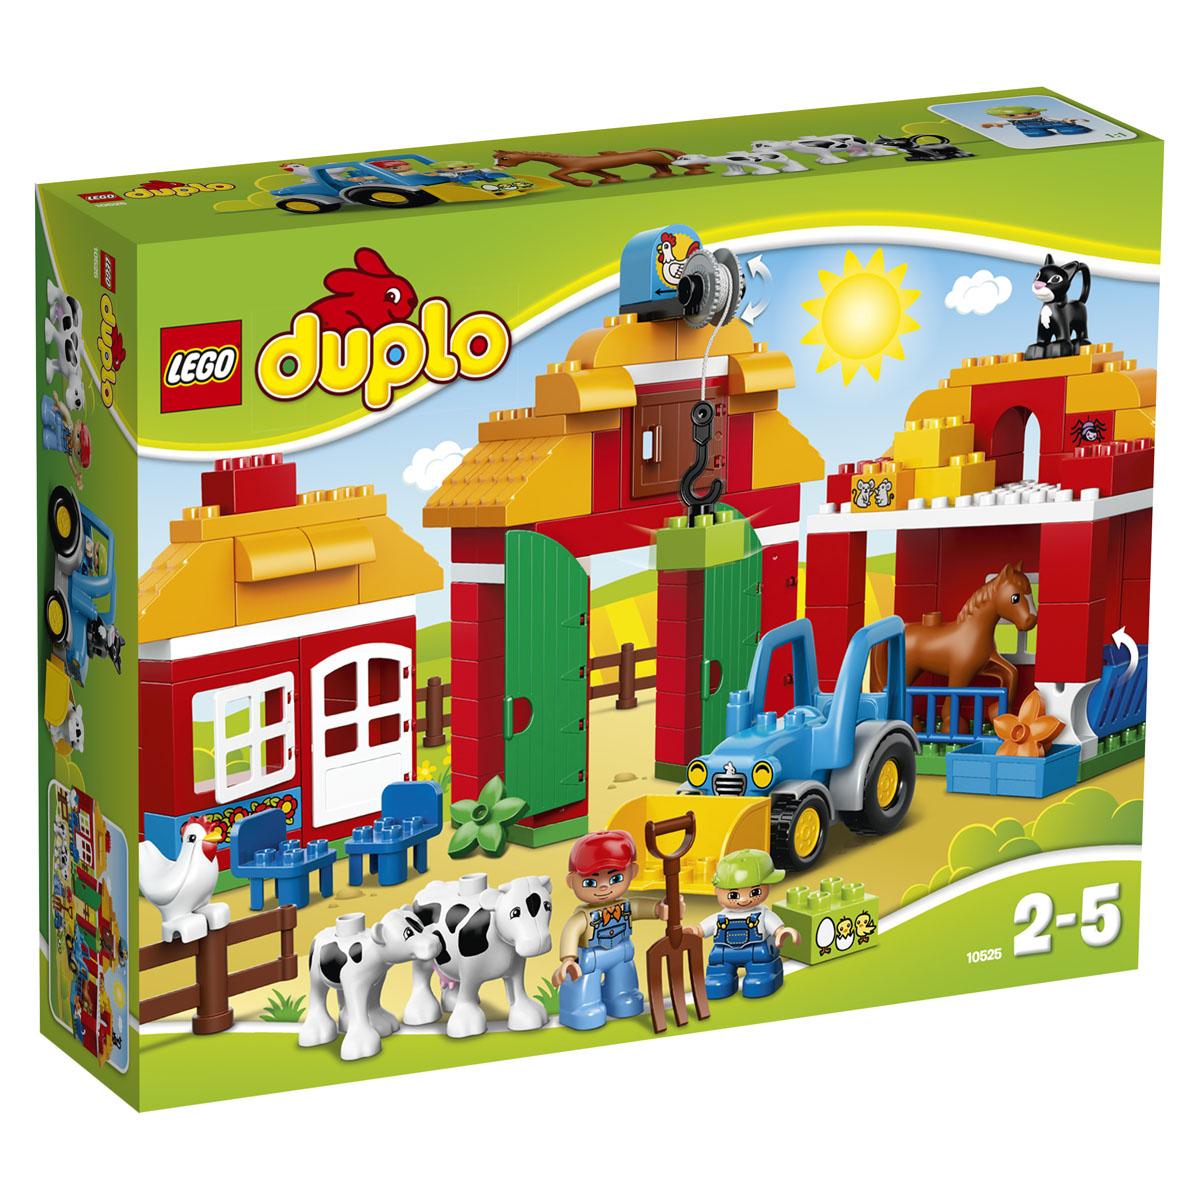 LEGO DUPLO Конструктор Большая ферма 10525